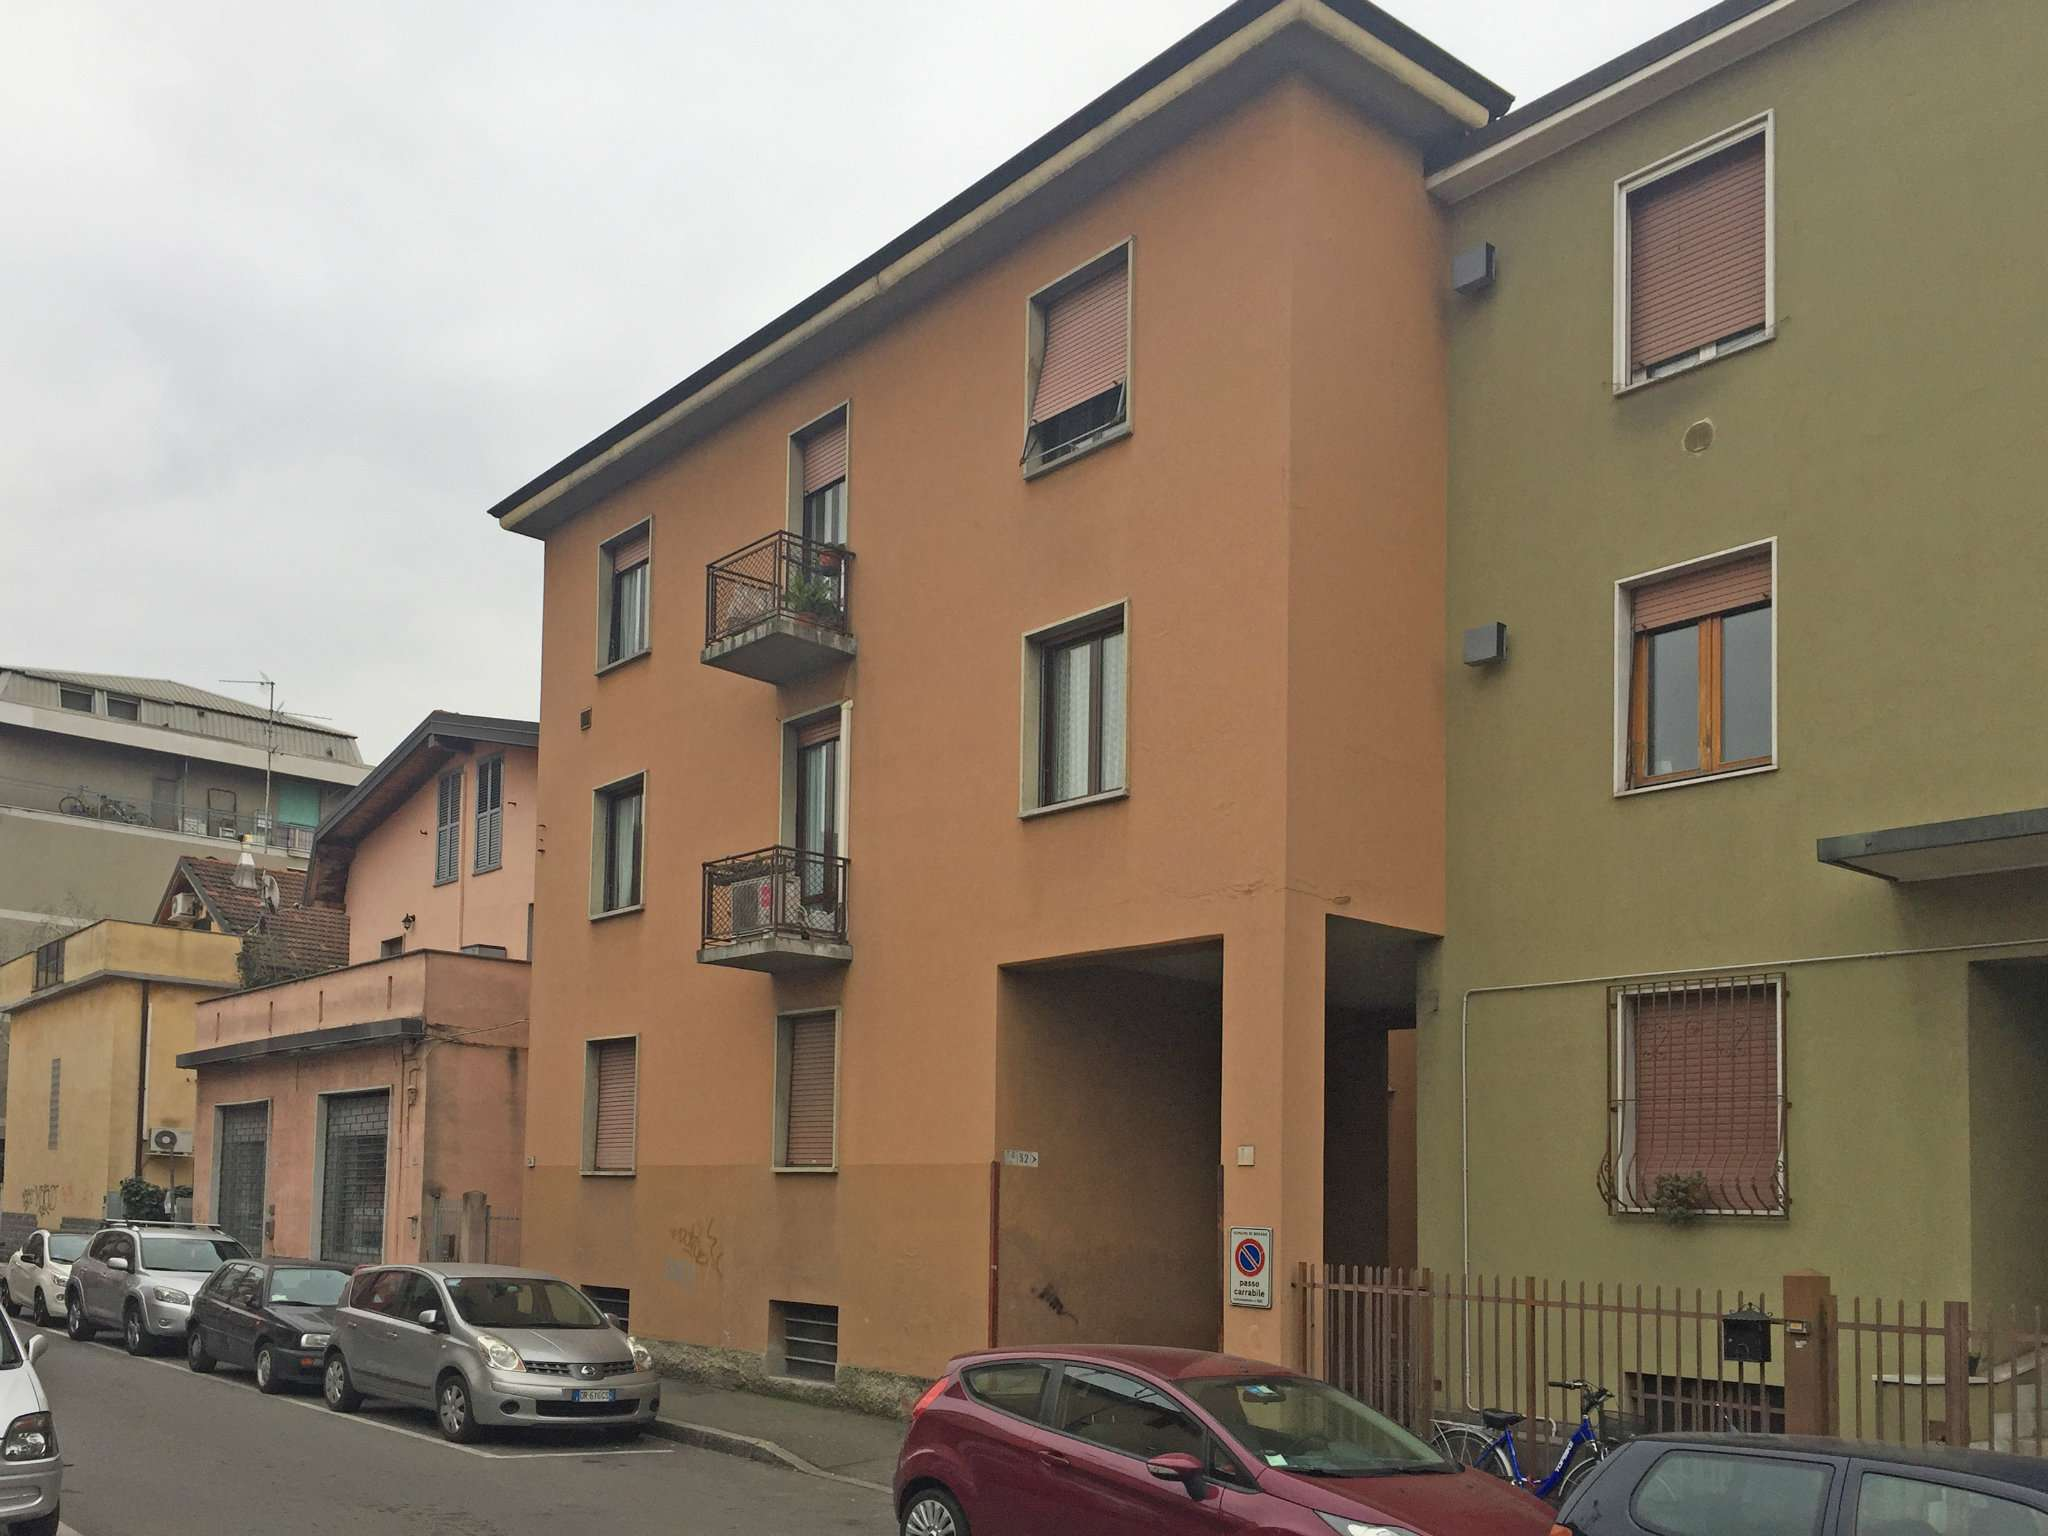 Appartamento in vendita a Bresso, 1 locali, prezzo € 50.000 | Cambio Casa.it